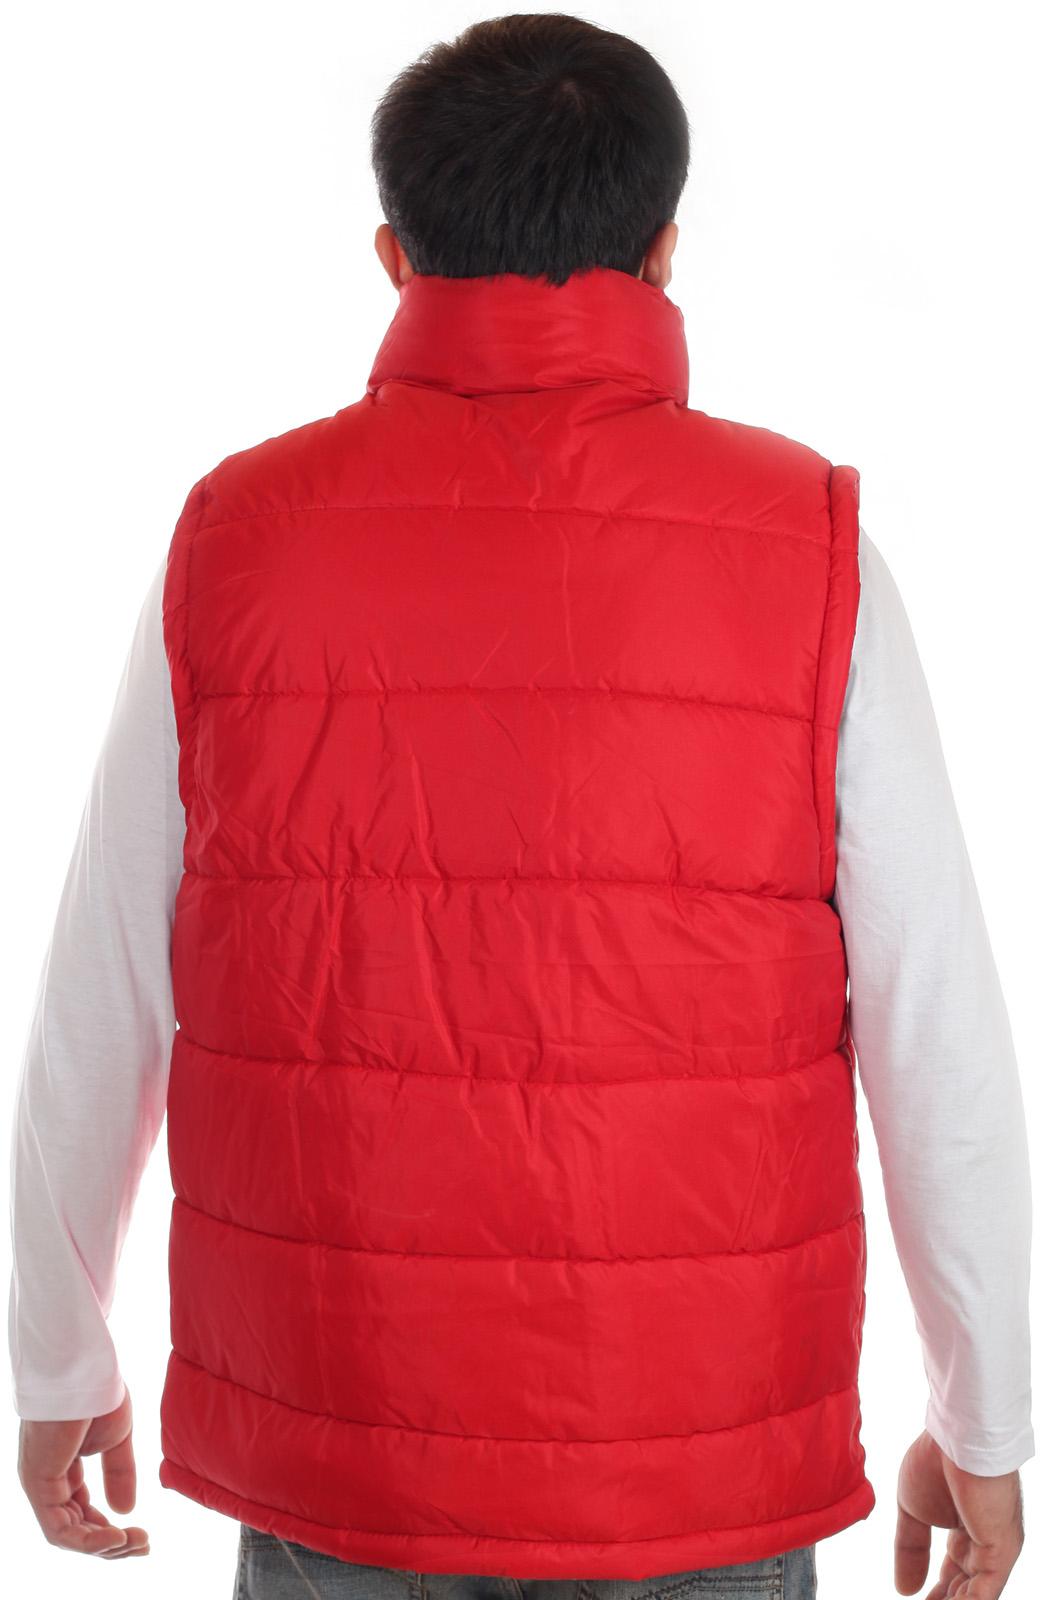 Купить синтепоновую куртку безрукавку в интернет магазине